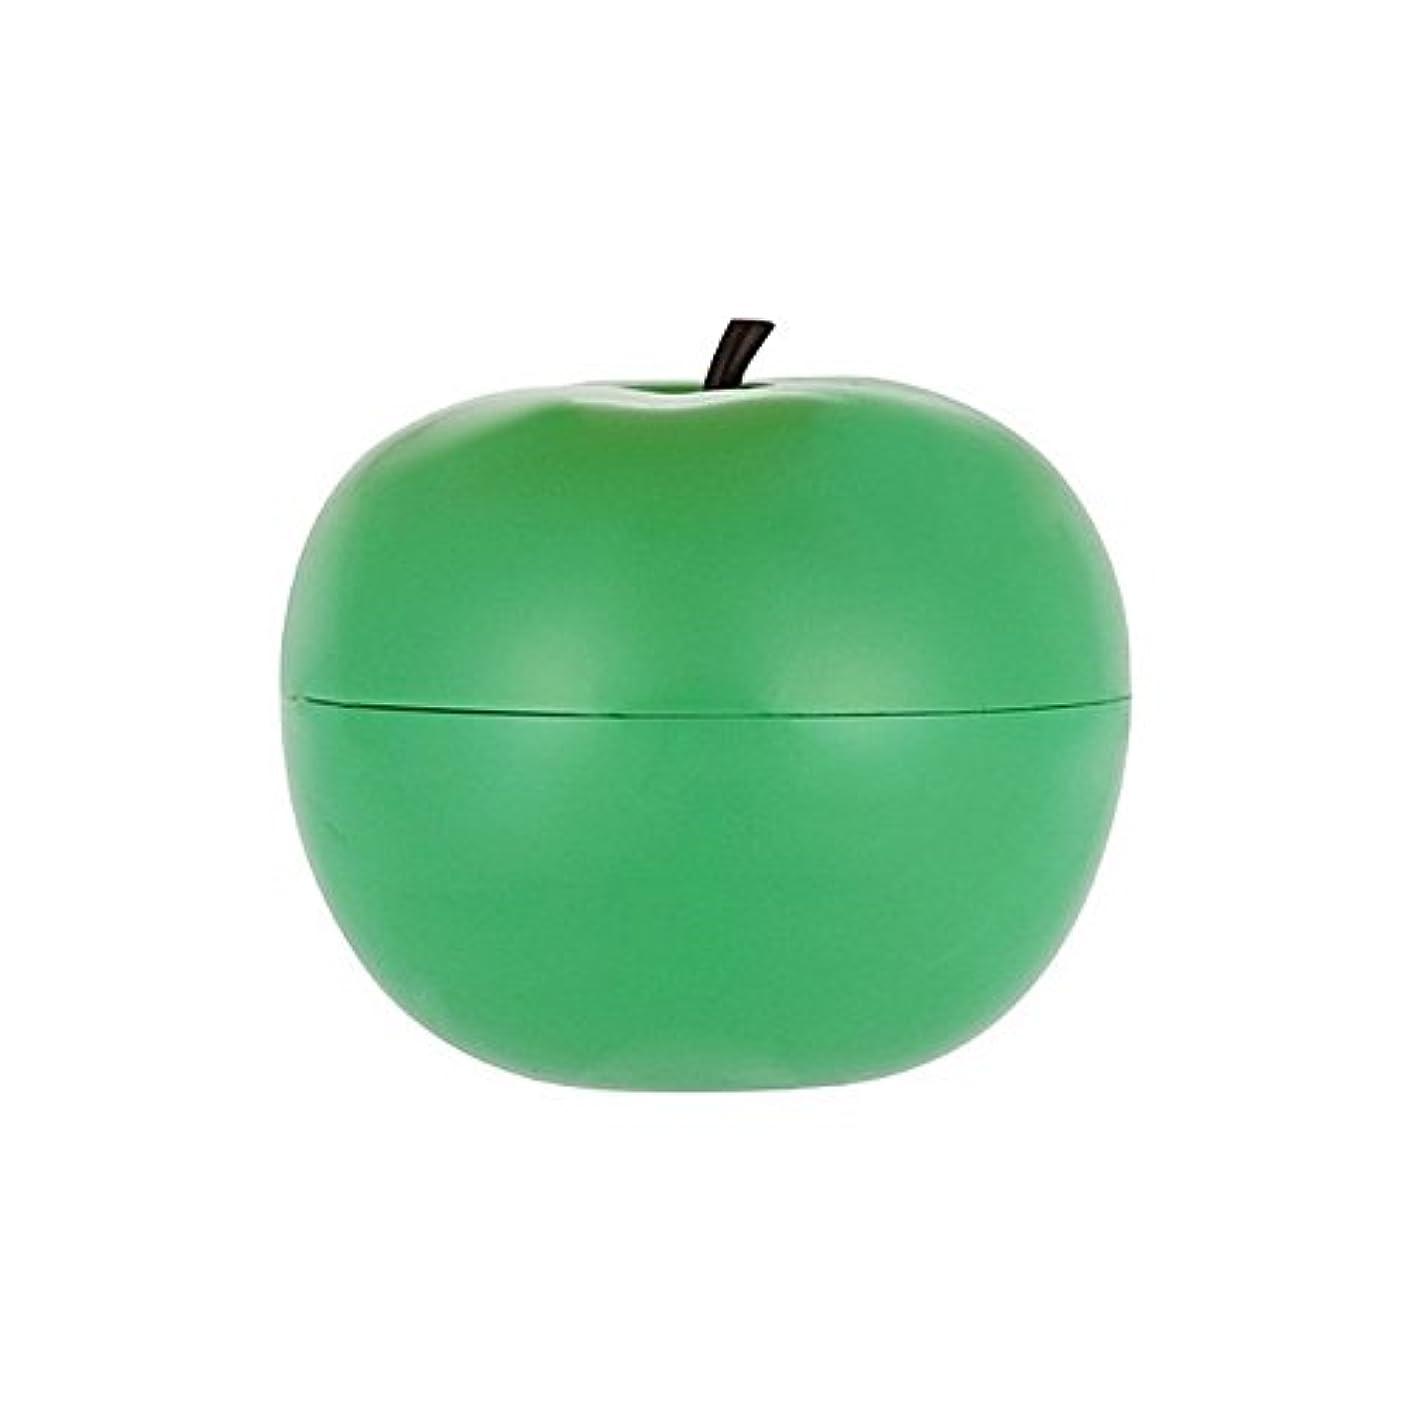 分岐する動員する啓示トニーモリースムーズマッサージピーリングクリーム80グラム x2 - Tony Moly Appletox Smooth Massage Peeling Cream 80G (Pack of 2) [並行輸入品]